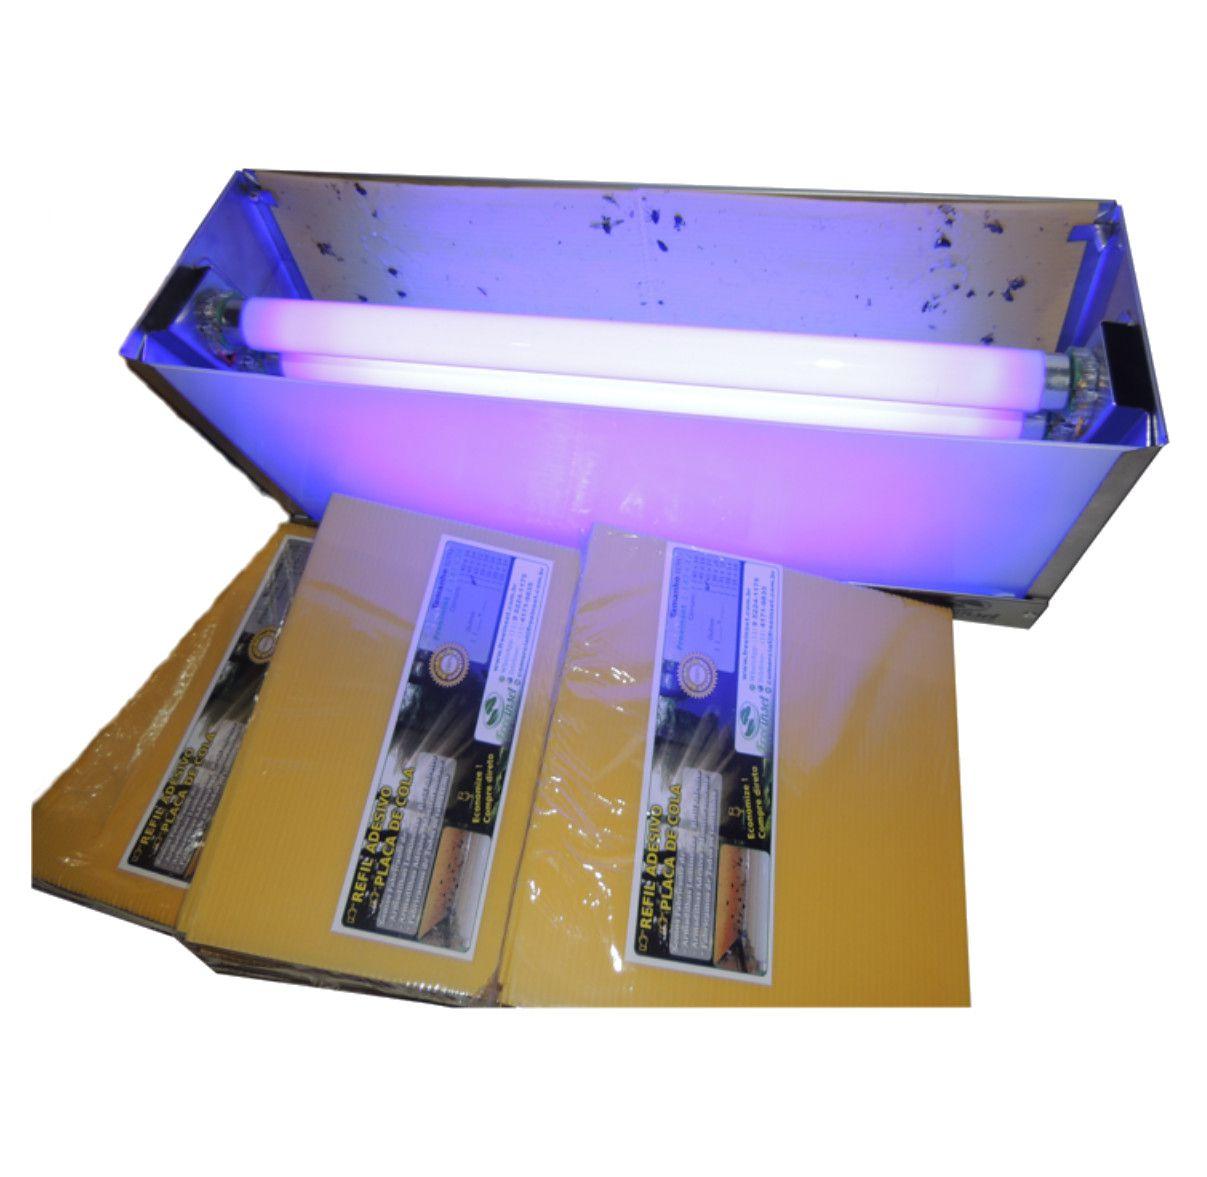 Kit 10 refis + Armadilhas Luminosas TOP, 15w, até 25m², 110V, Aço Inox Escovado, Matar Moscas, Matar Mosquitos